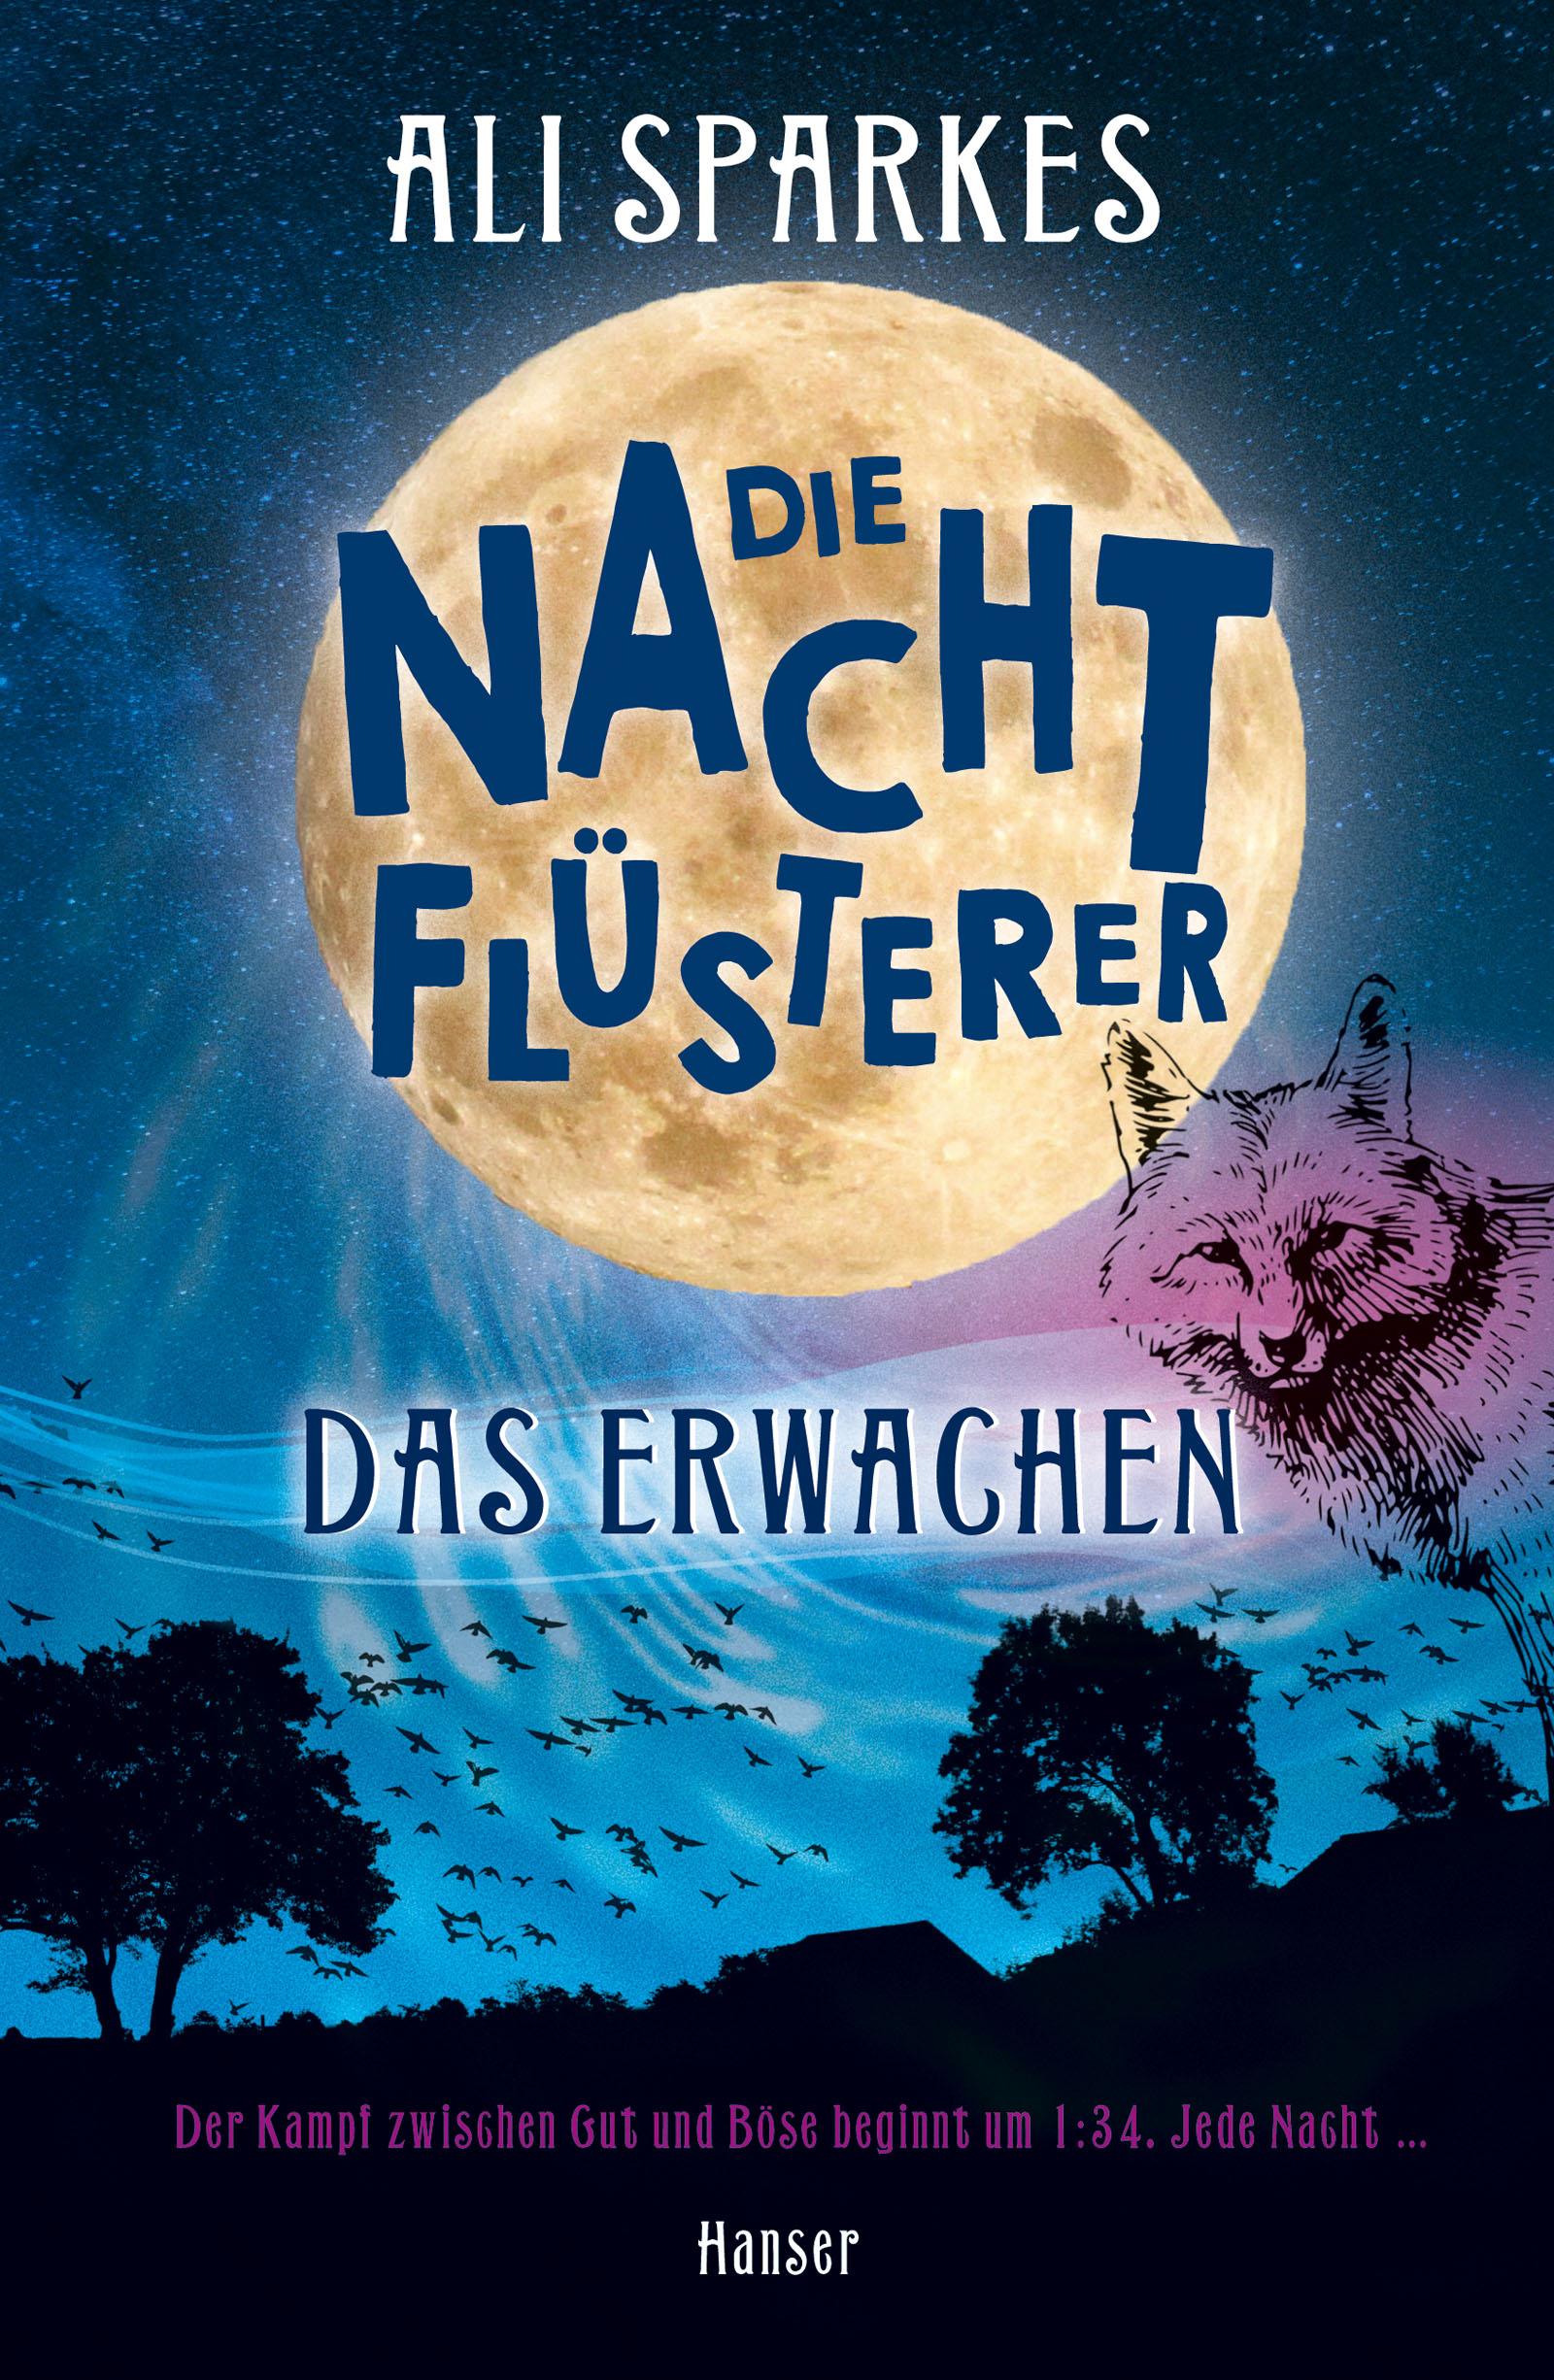 https://www.hanser-literaturverlage.de/buch/die-nachtfluesterer-das-erwachen/978-3-446-26232-4/